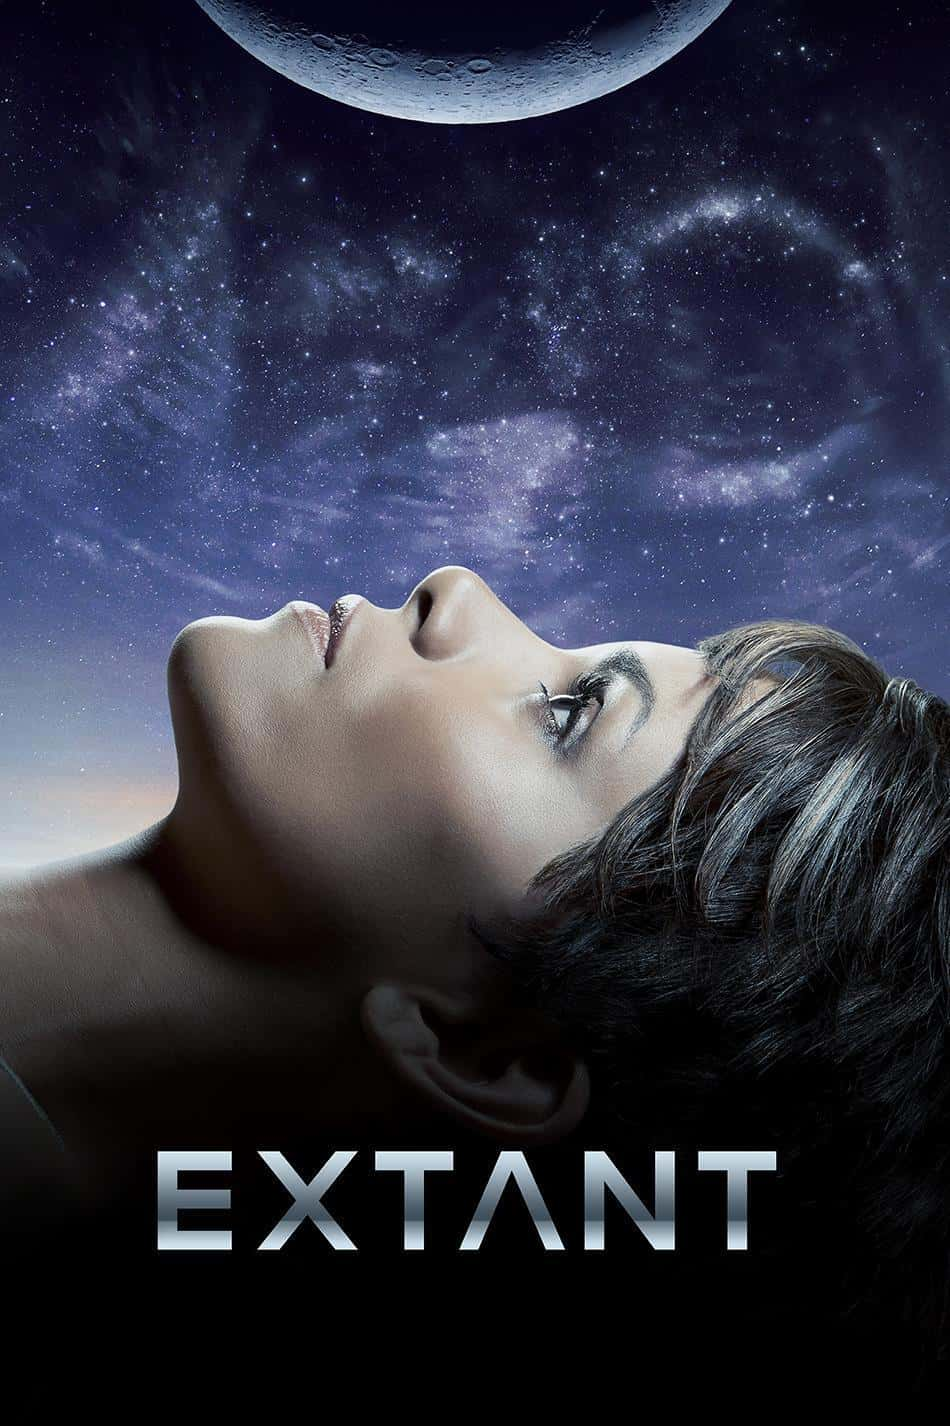 Extant, 2014